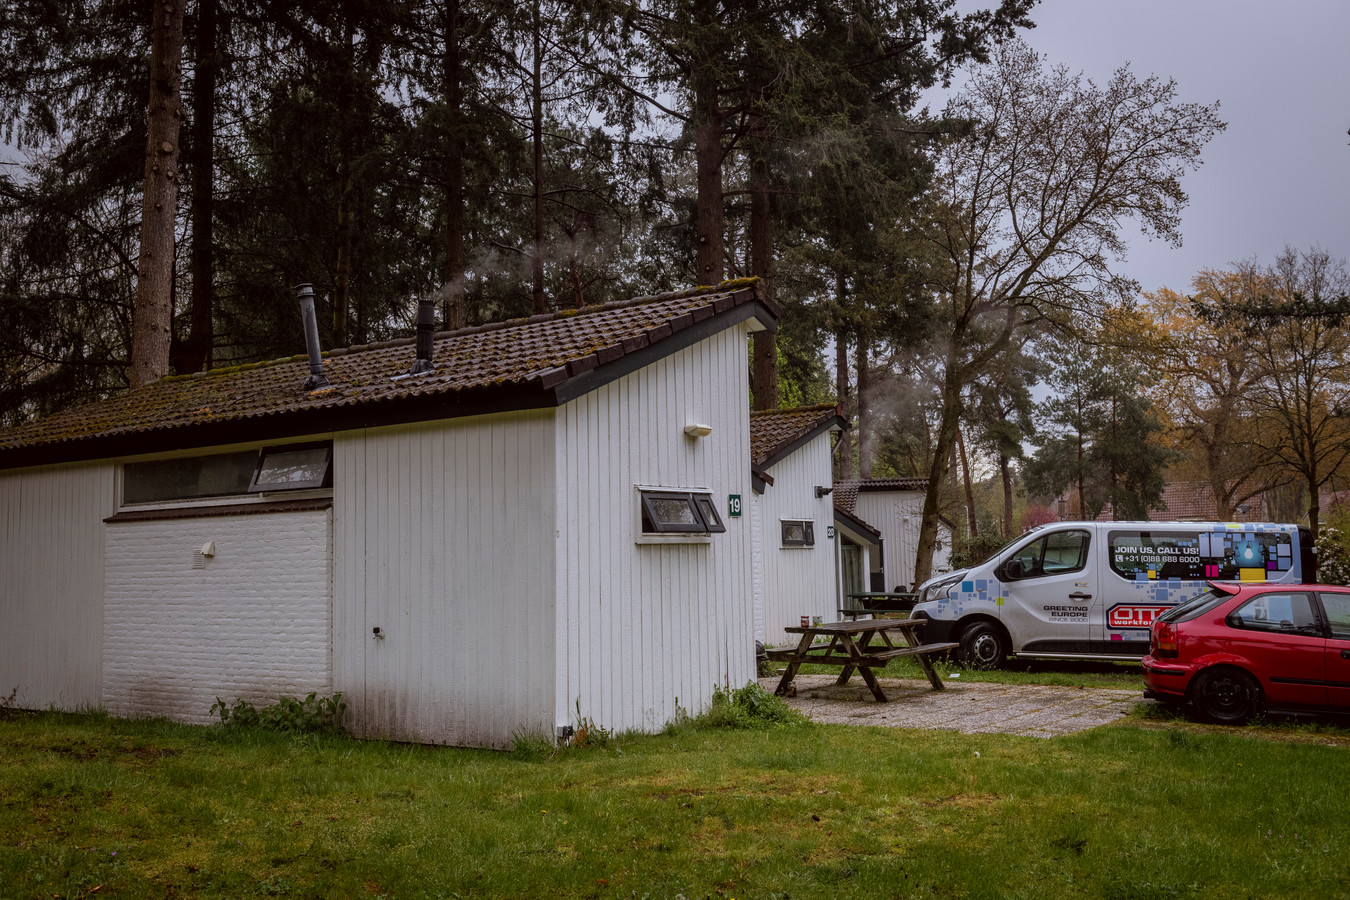 Op 't Reggehuus in Ommen wonen honderden Poolse arbeidsmigranten.